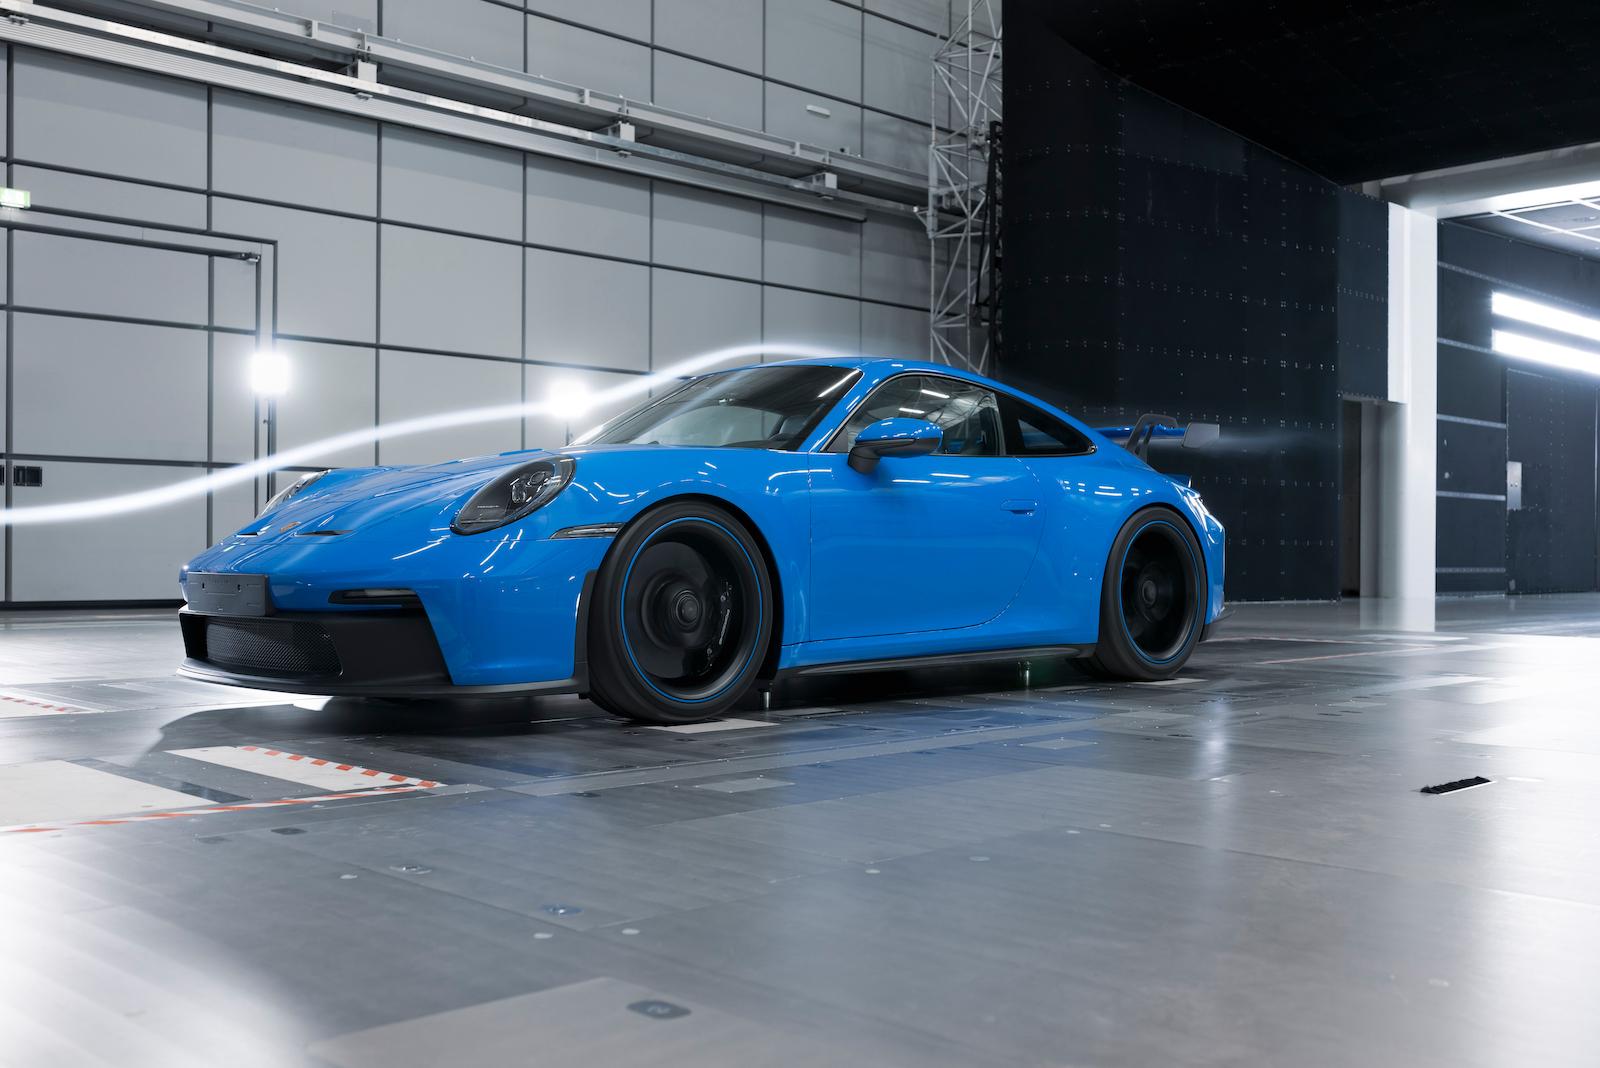 作為首款搭載懸吊式尾翼的保時捷量產車款,911 GT3 在空氣動力學技術方面的進步特別顯著。